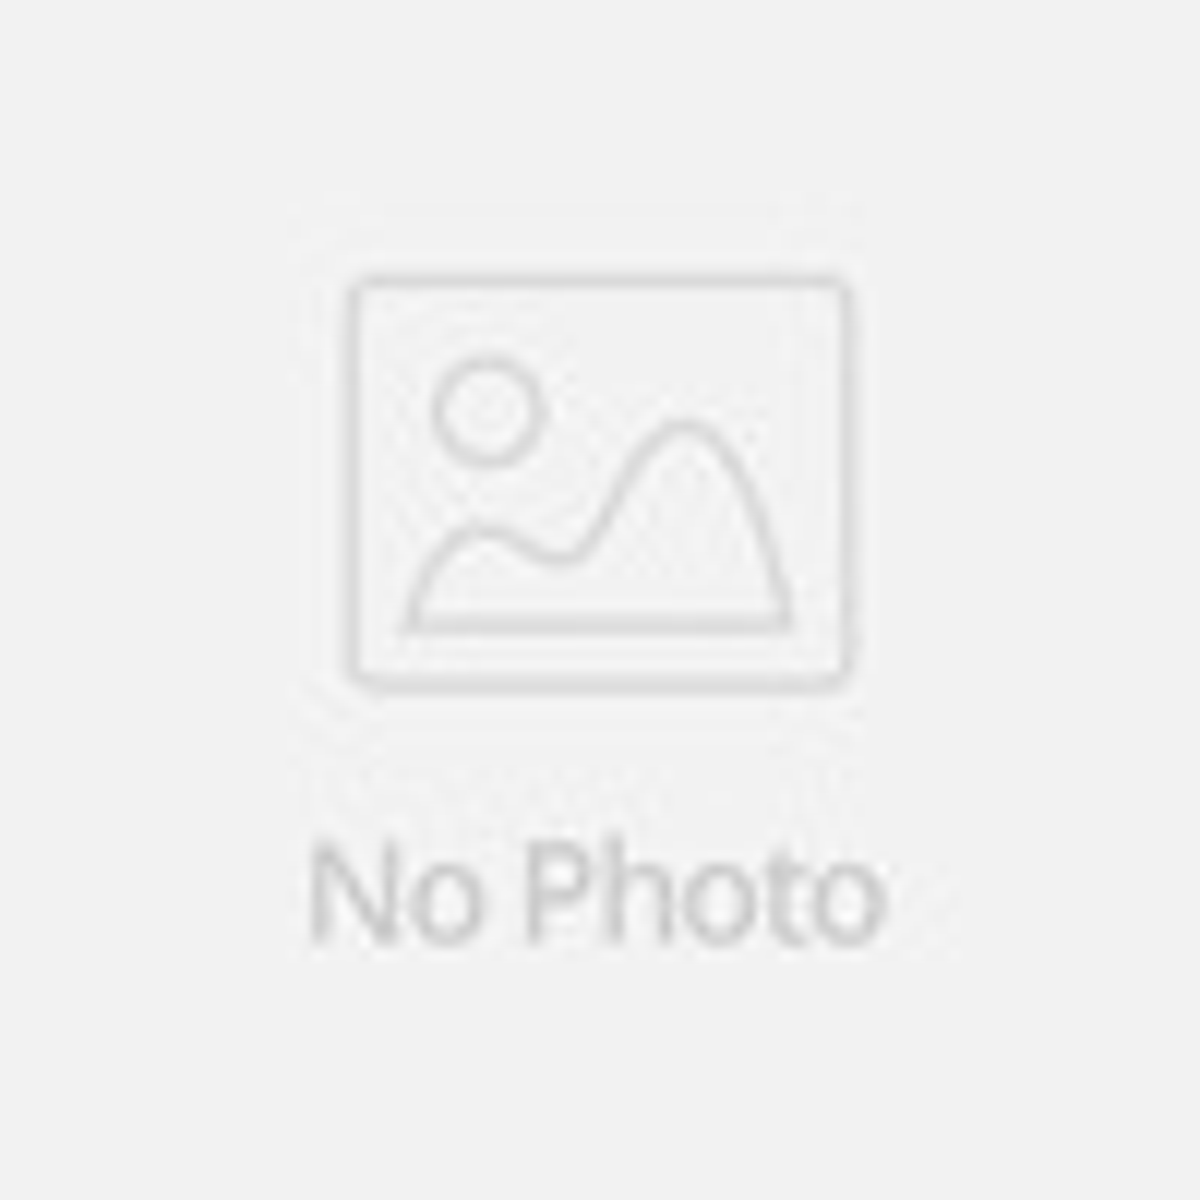 Kleiderschrank Ikea Pax Weiss ~ beleuchtung wohnzimmer berechnen  Wohnzimmer kristall lampe kreis